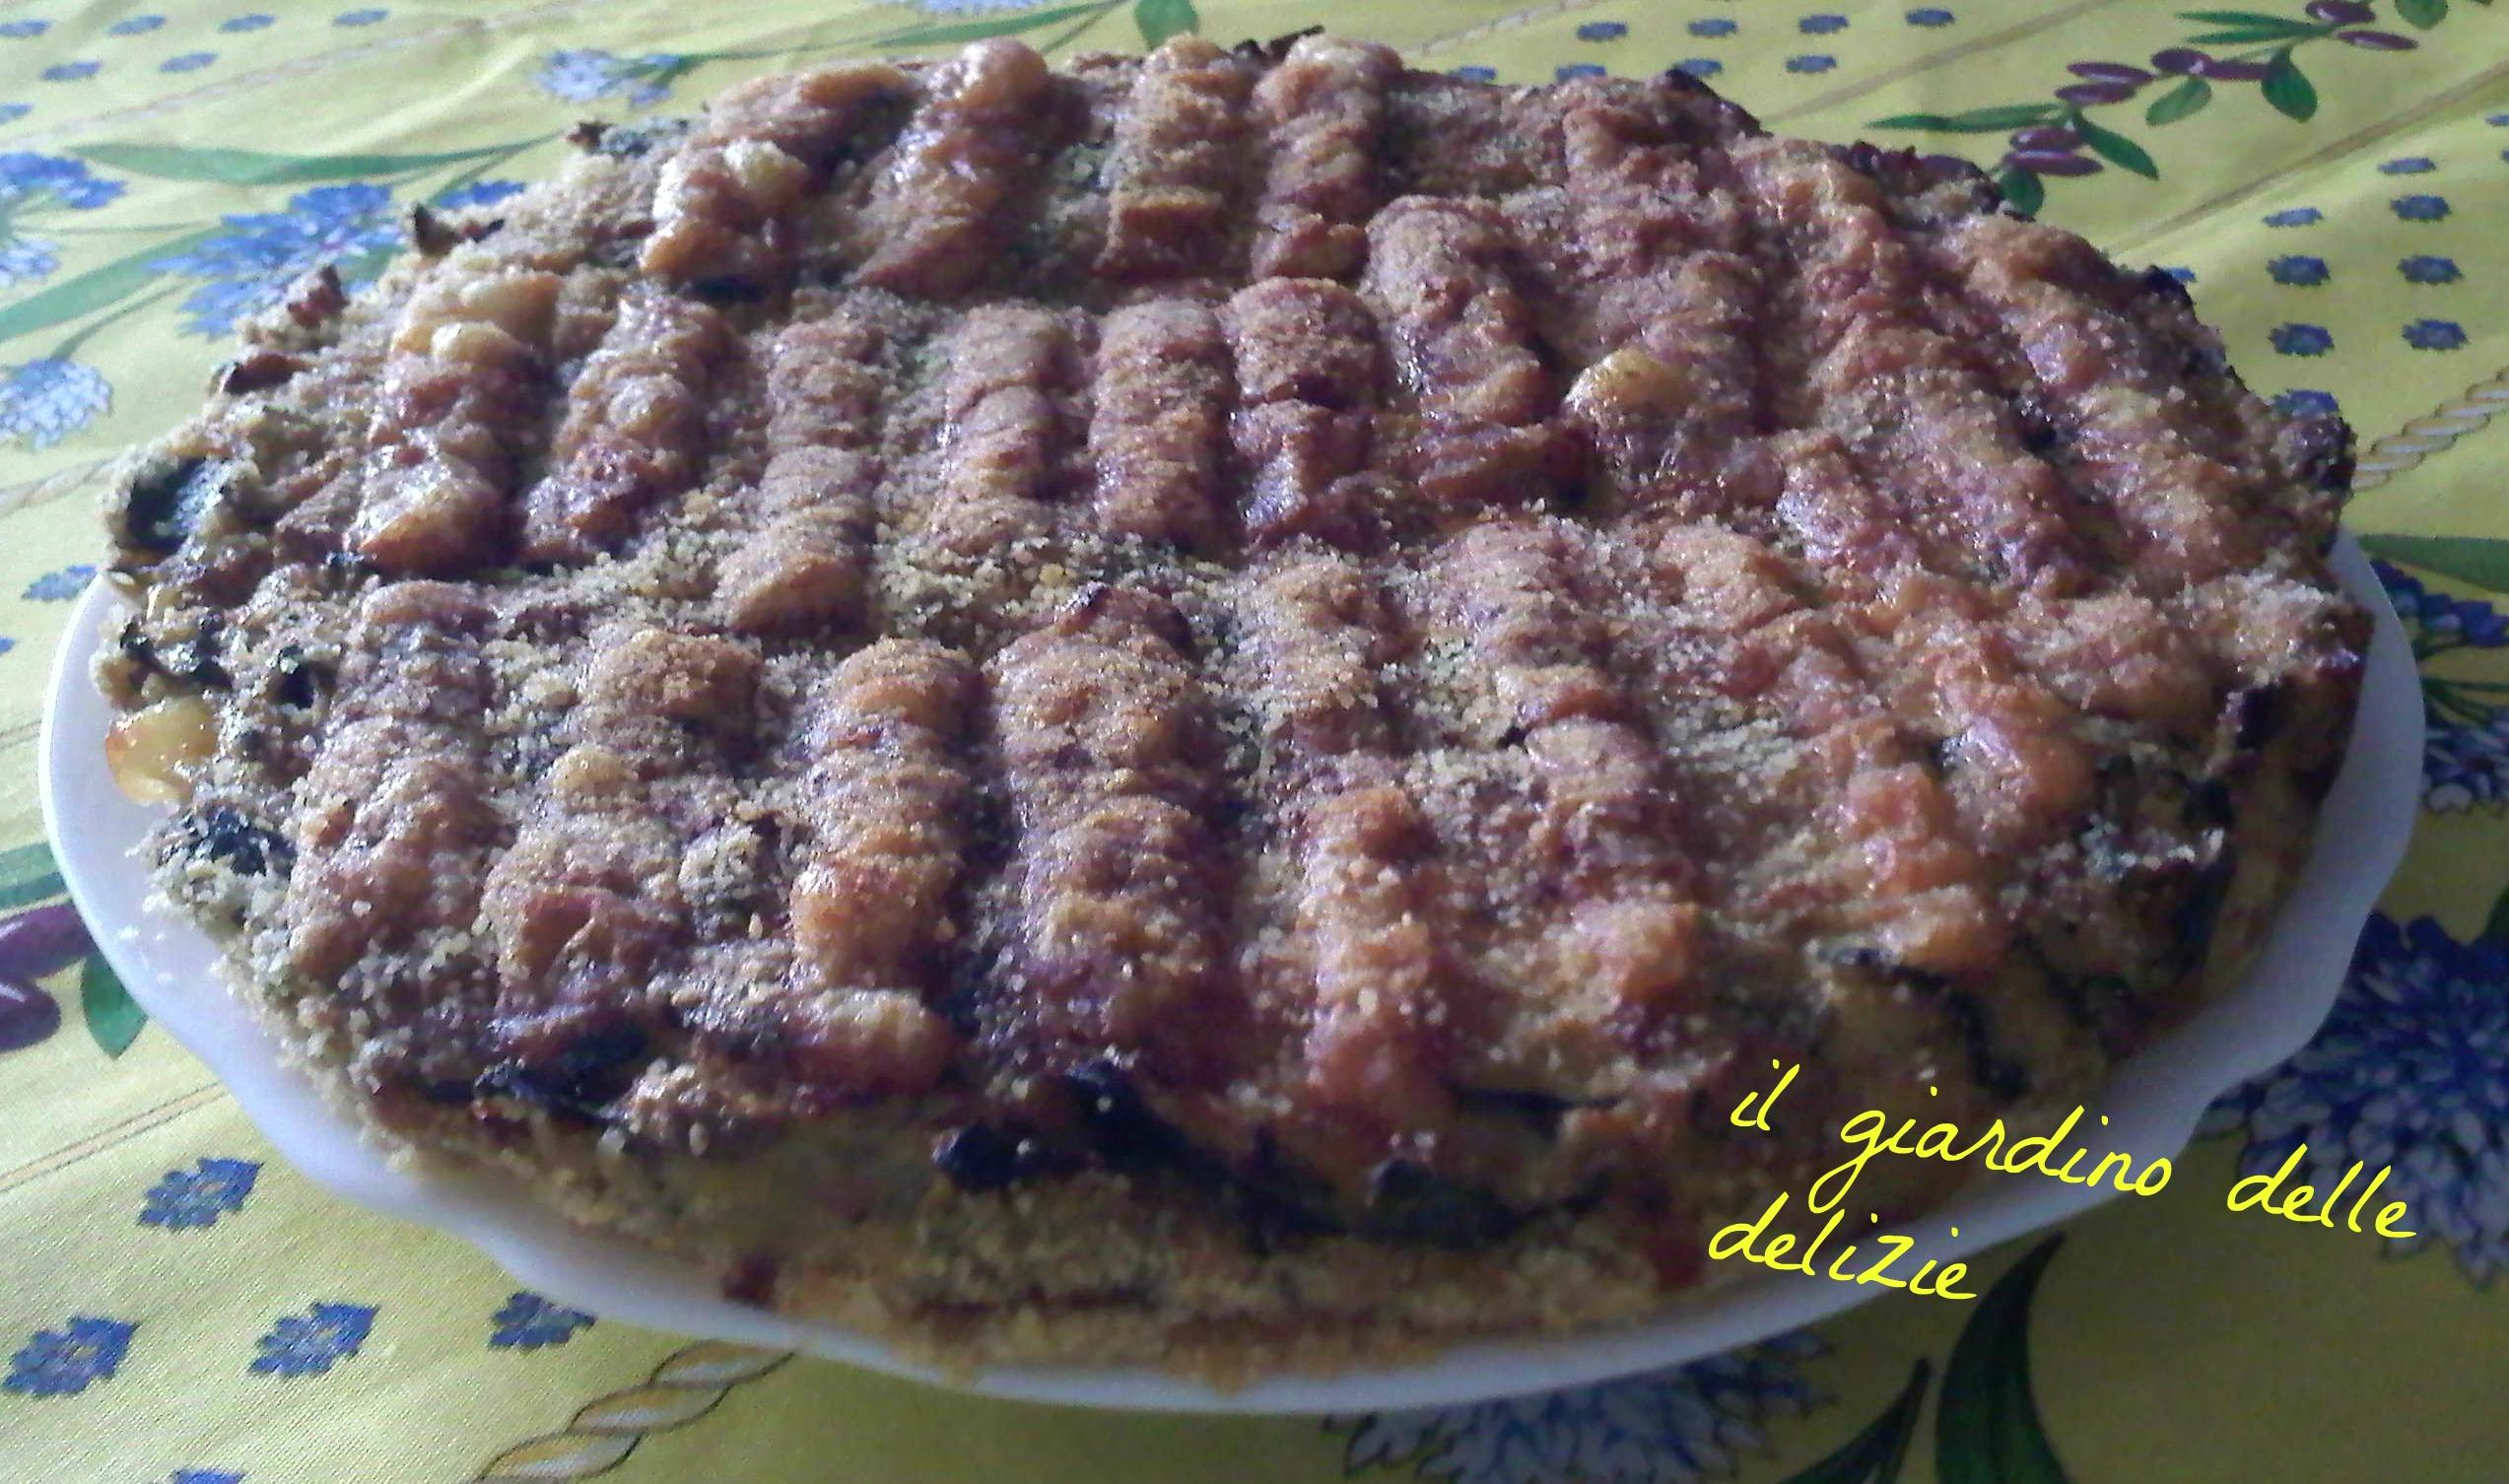 Torta Prosciutto Wurstel Zucchine Il Giardino Delle Delizie